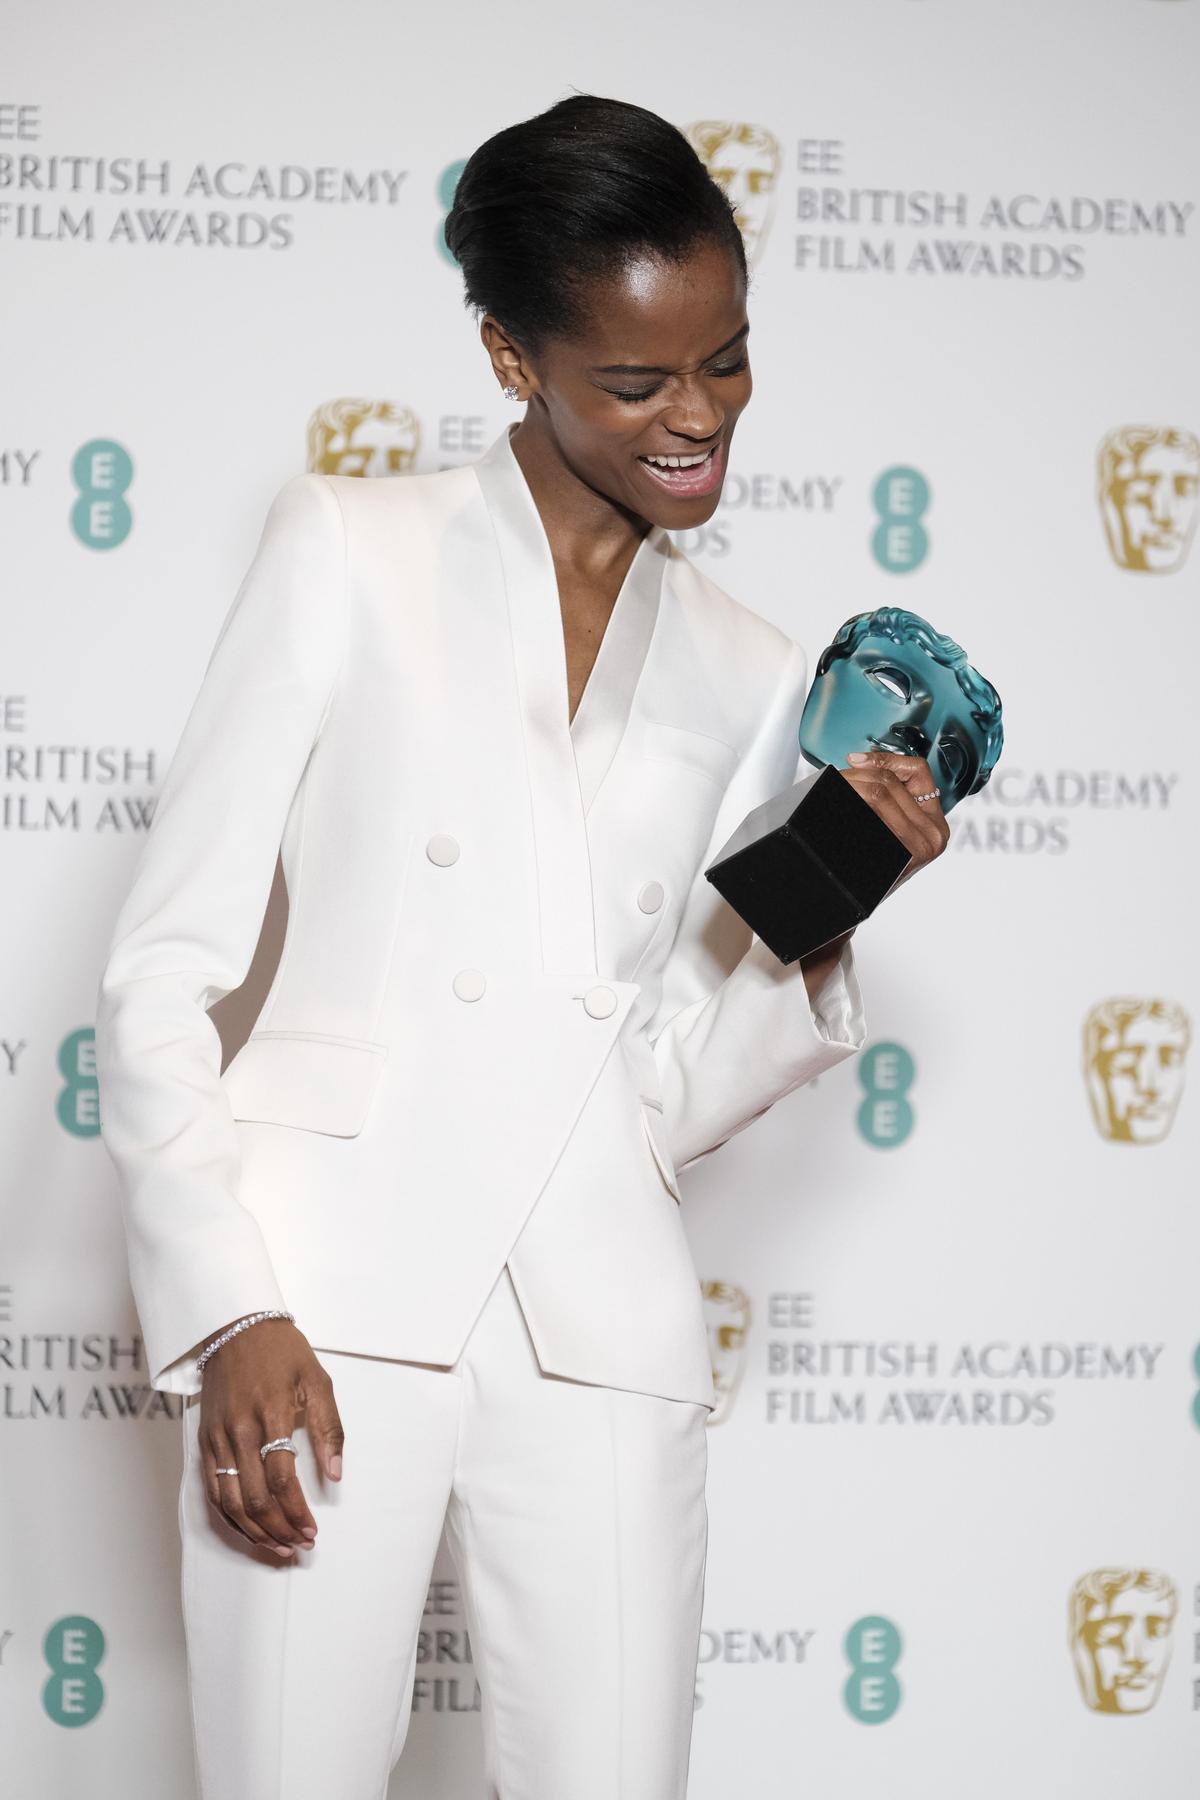 漫威電影《黑豹》中討喜的「舒莉」萊提蒂婭萊特獲頒上升新秀獎,成為最被看好年輕演員。(東方IC)